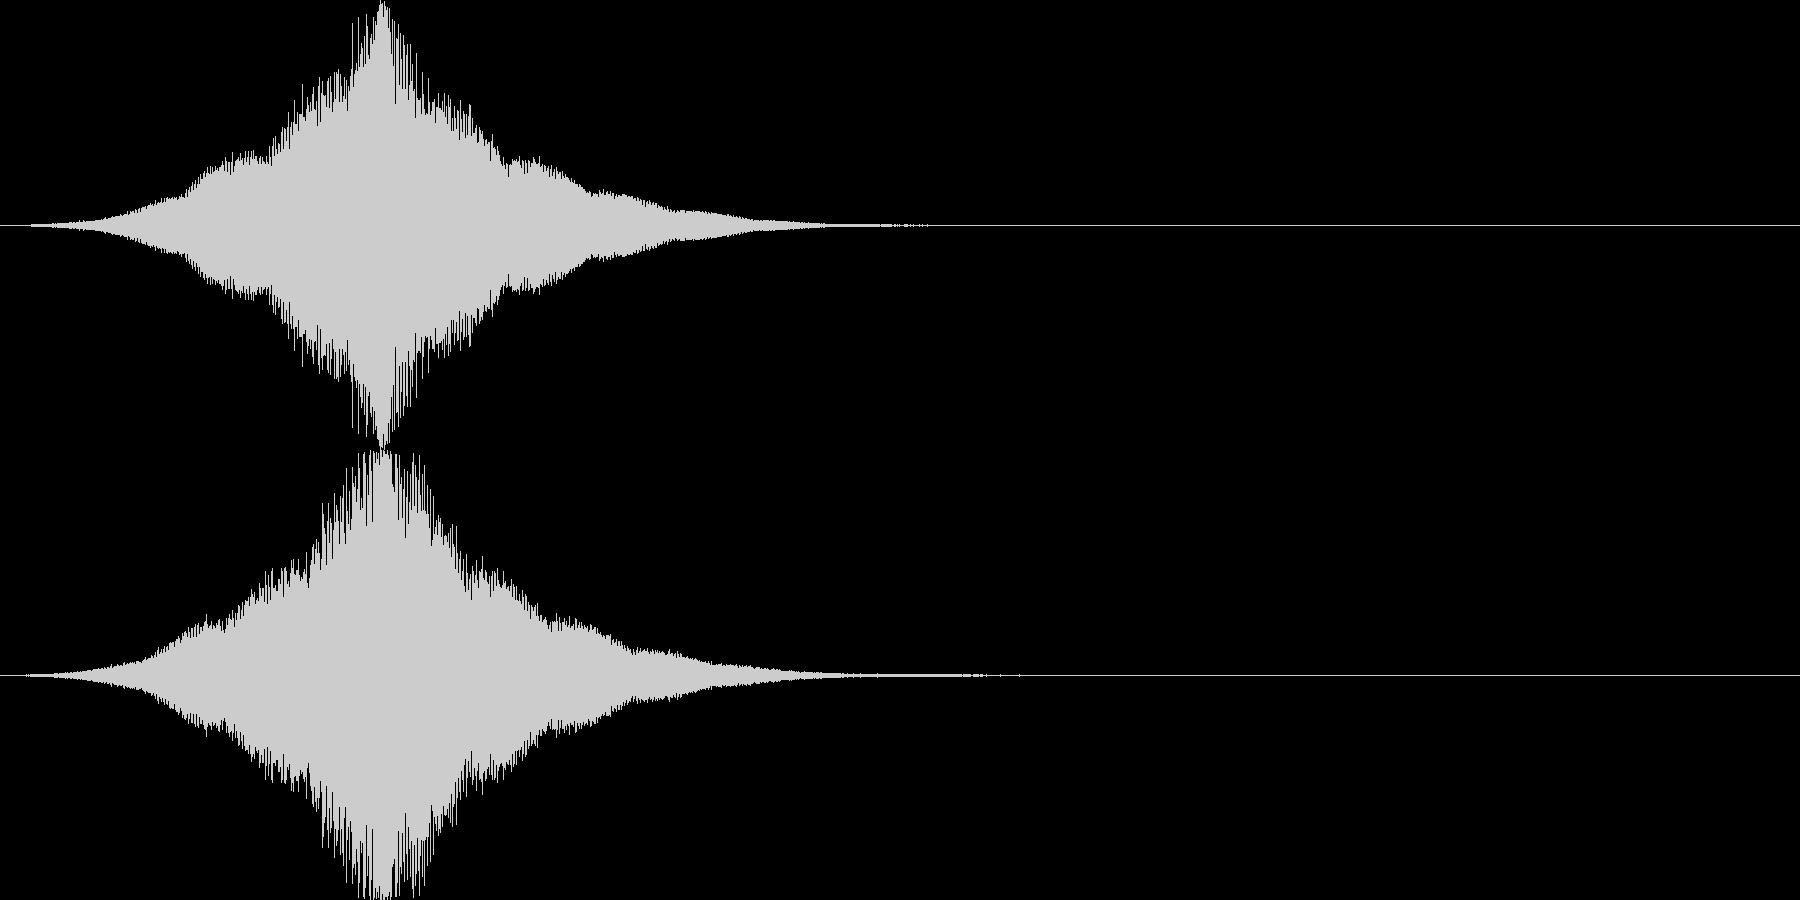 インパクト/フェード/大きくなる/重厚2の未再生の波形